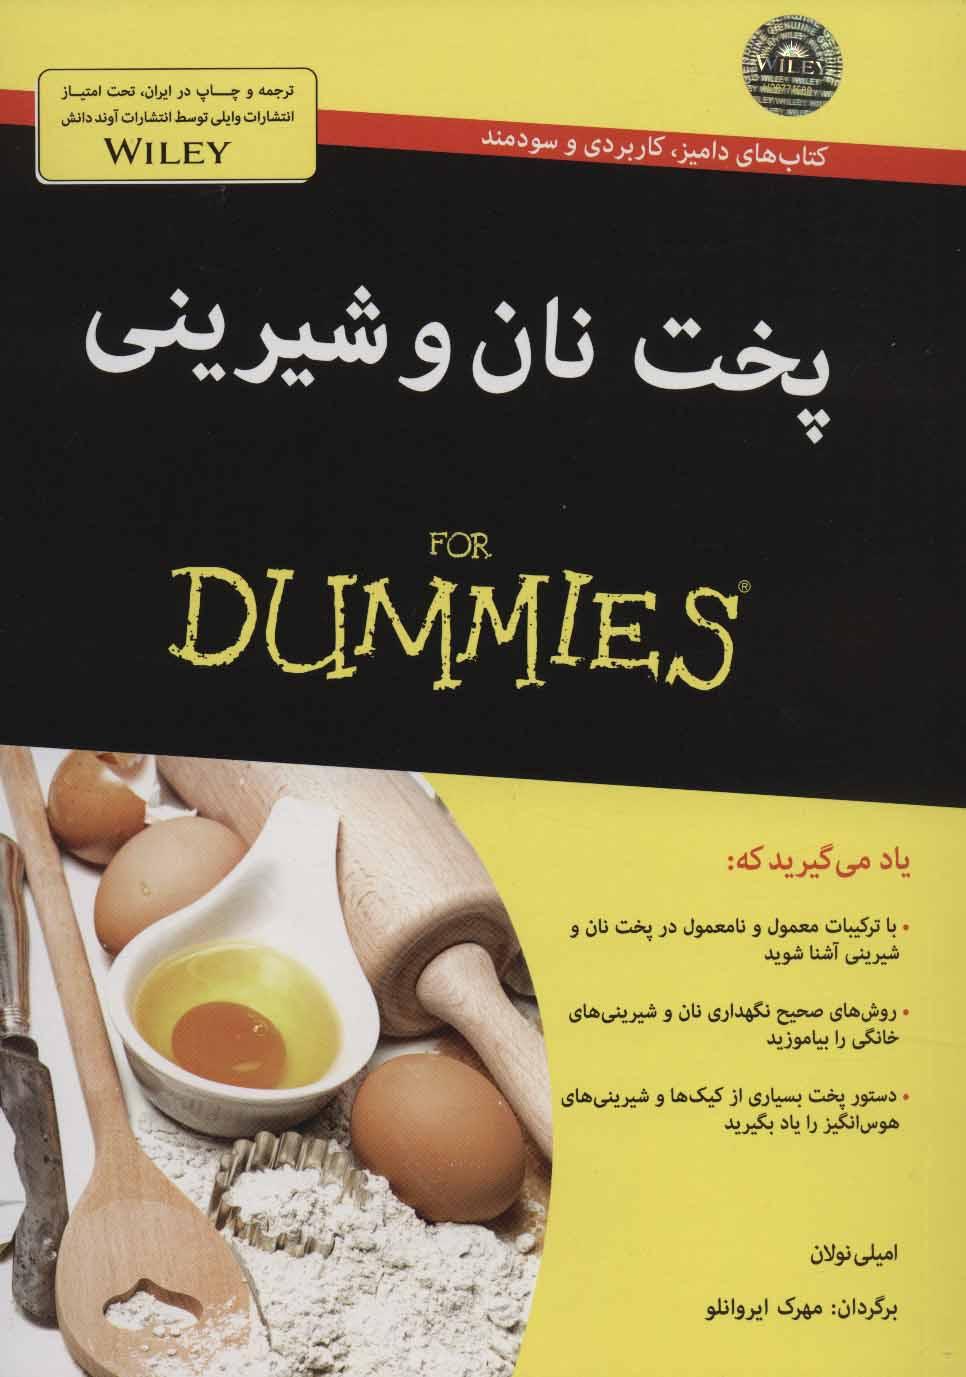 کتاب های دامیز (پخت نان و شیرینی)